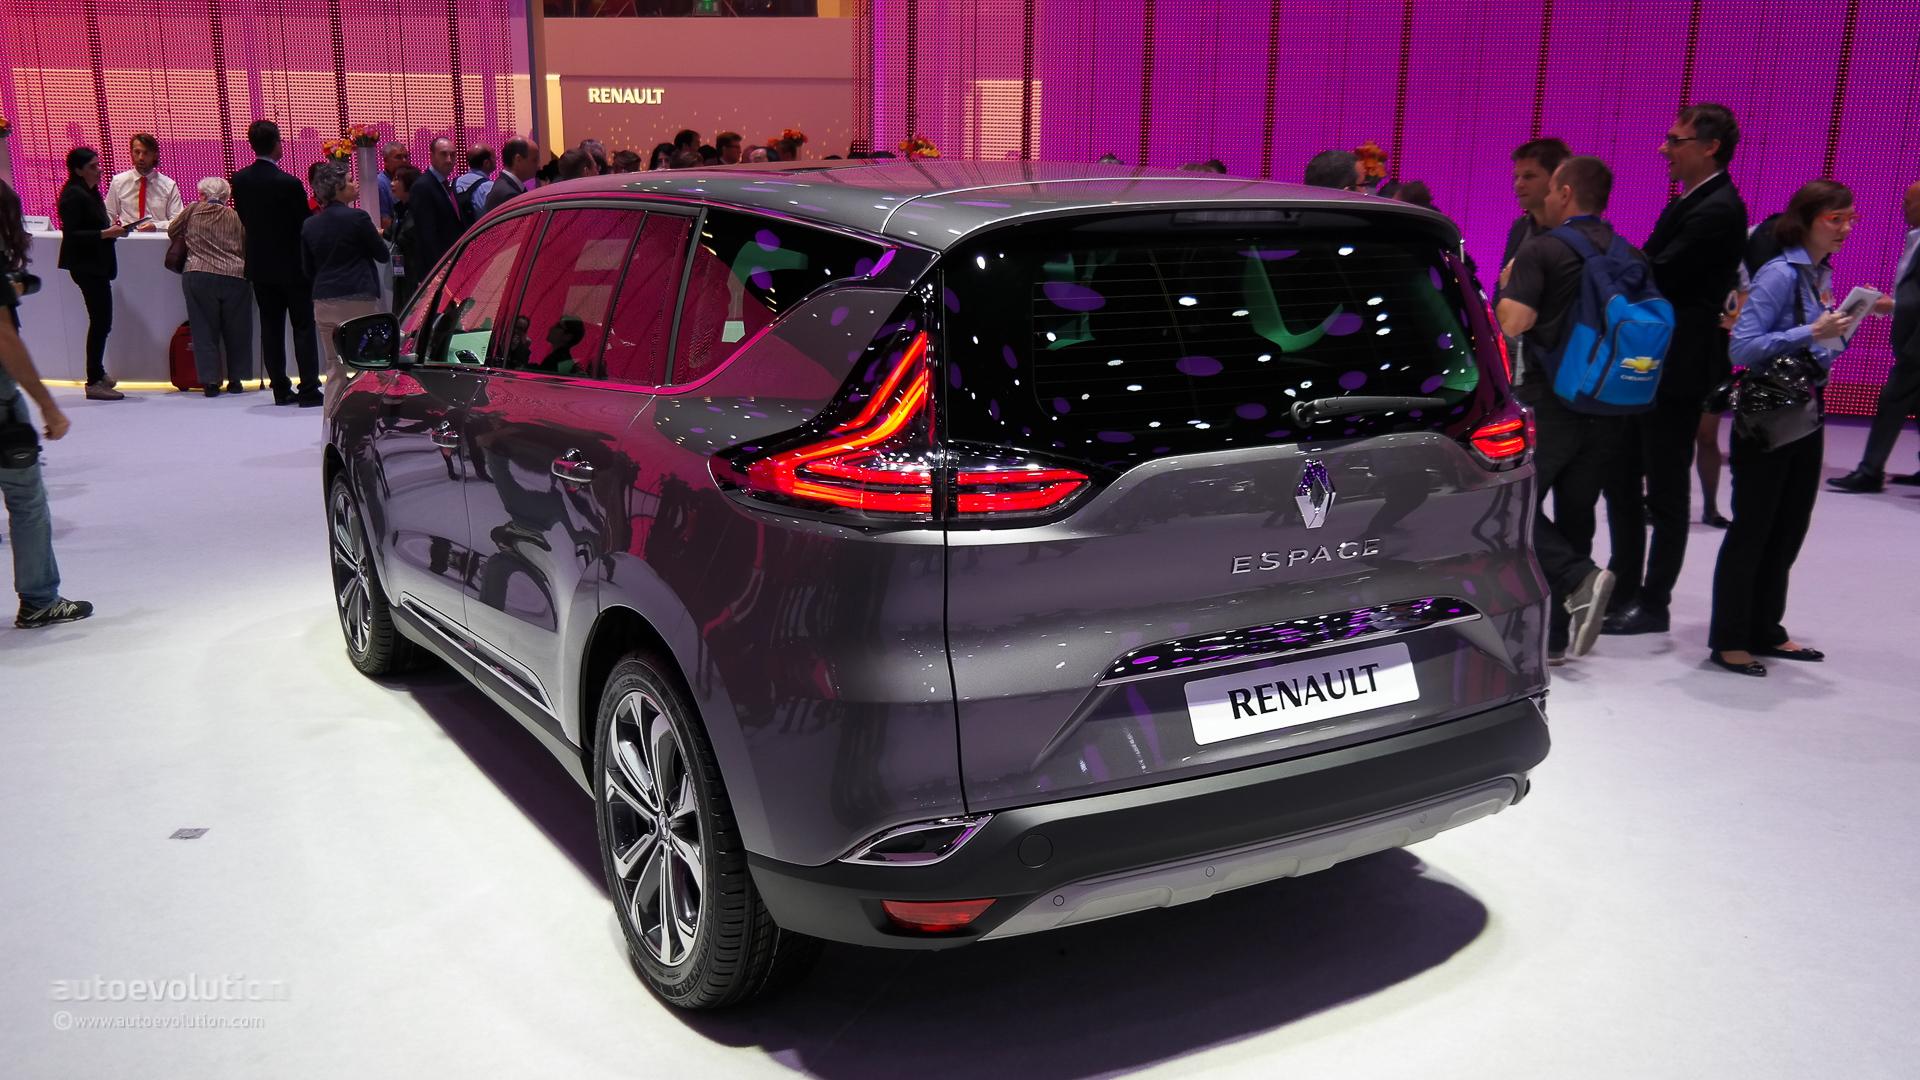 2015 Renault Espace Has A Clio RS 200 Horsepower Engine